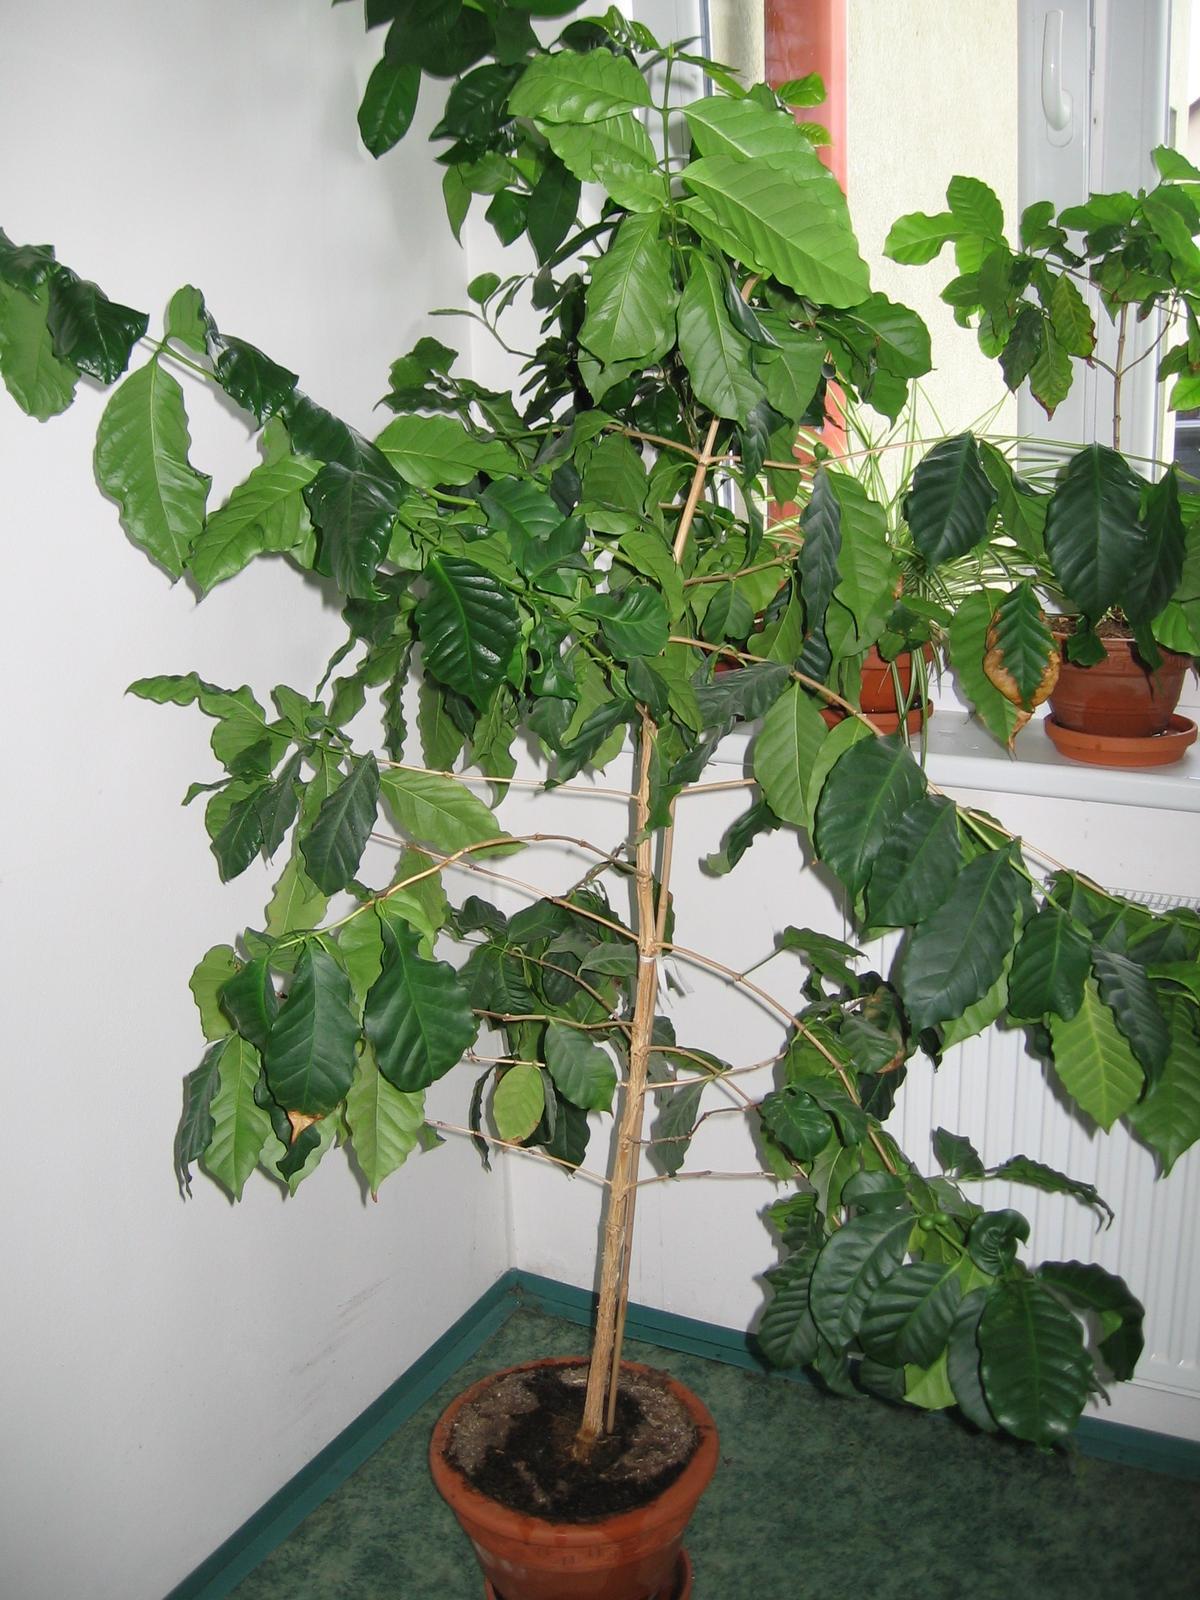 Plodící kávovník - a pak že se dá pěstovat jen v Brazílii - kávovník vysoký přes metr a půl vypěstovaný ze semínka.